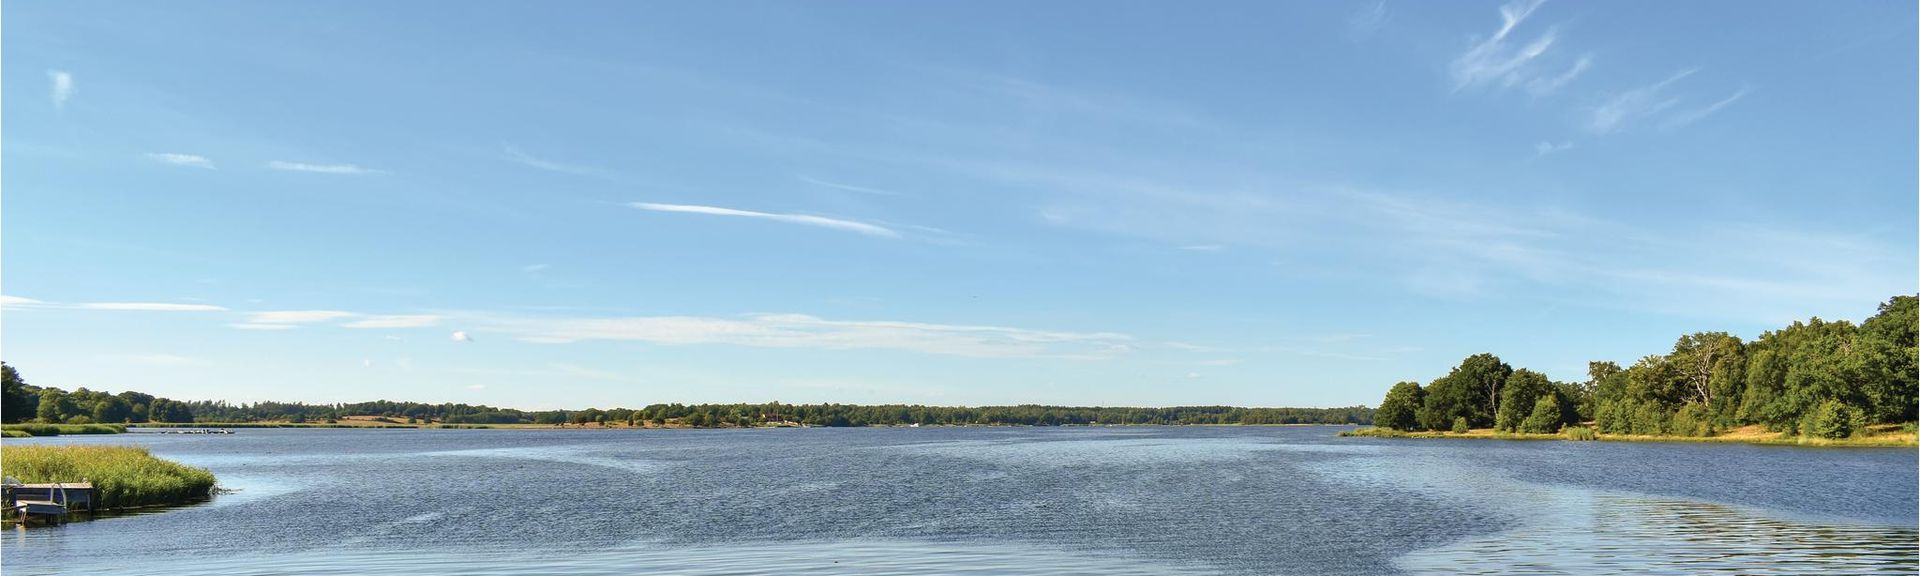 Blekinge län, Sverige